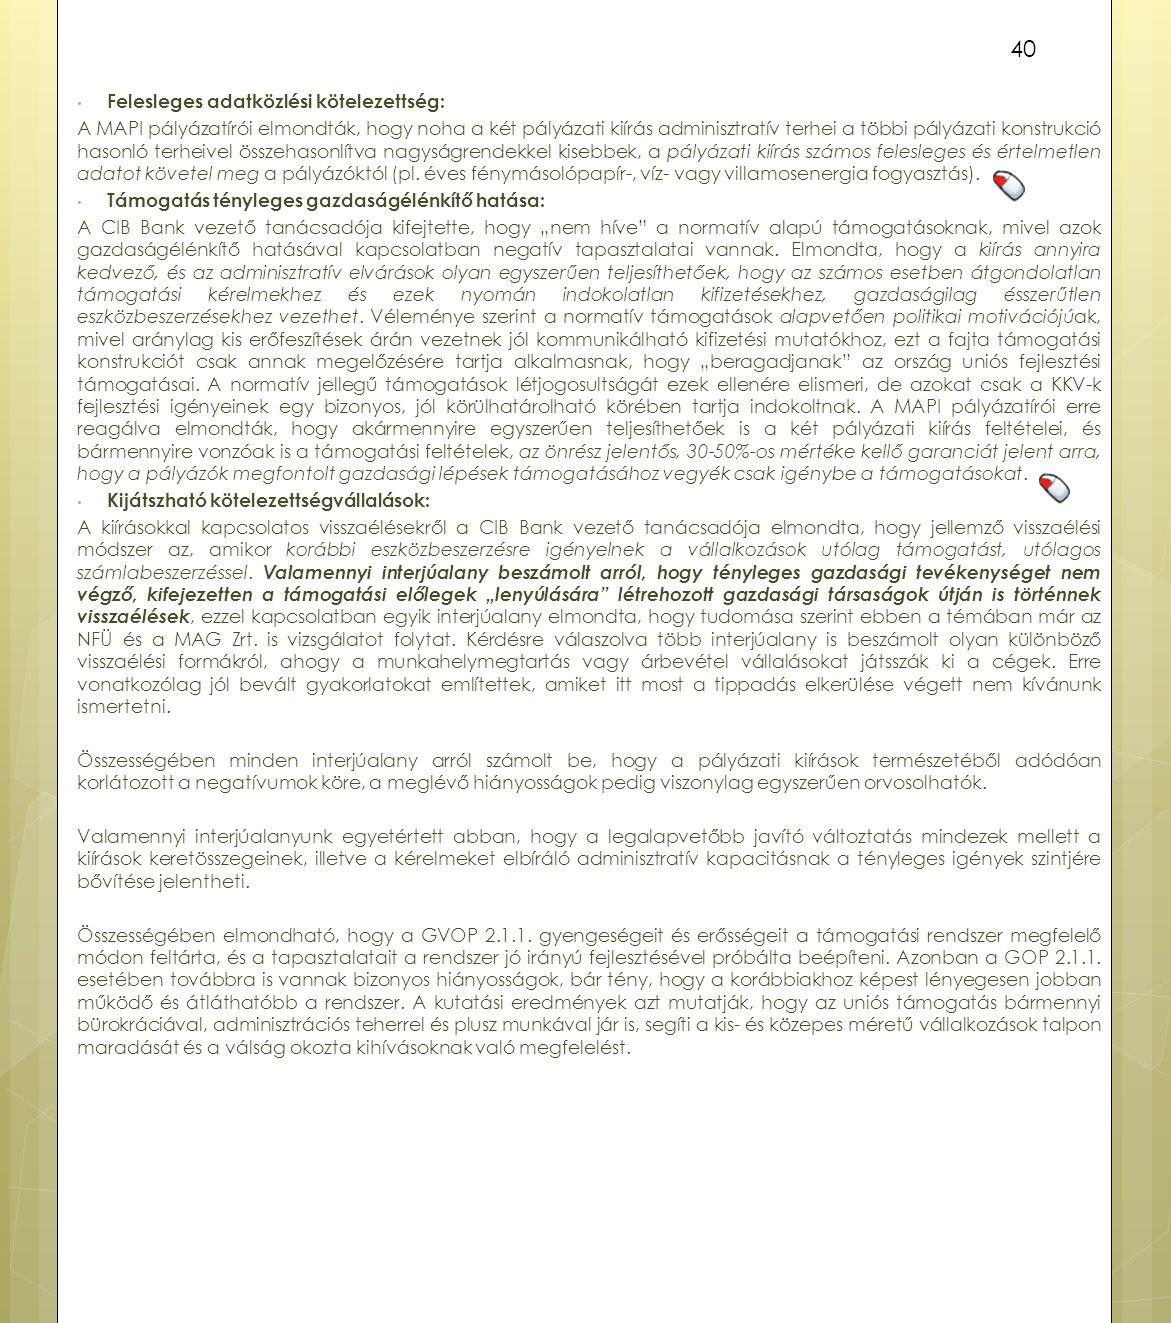 Felesleges adatközlési kötelezettség: A MAPI pályázatírói elmondták, hogy noha a két pályázati kiírás adminisztratív terhei a többi pályázati konstruk